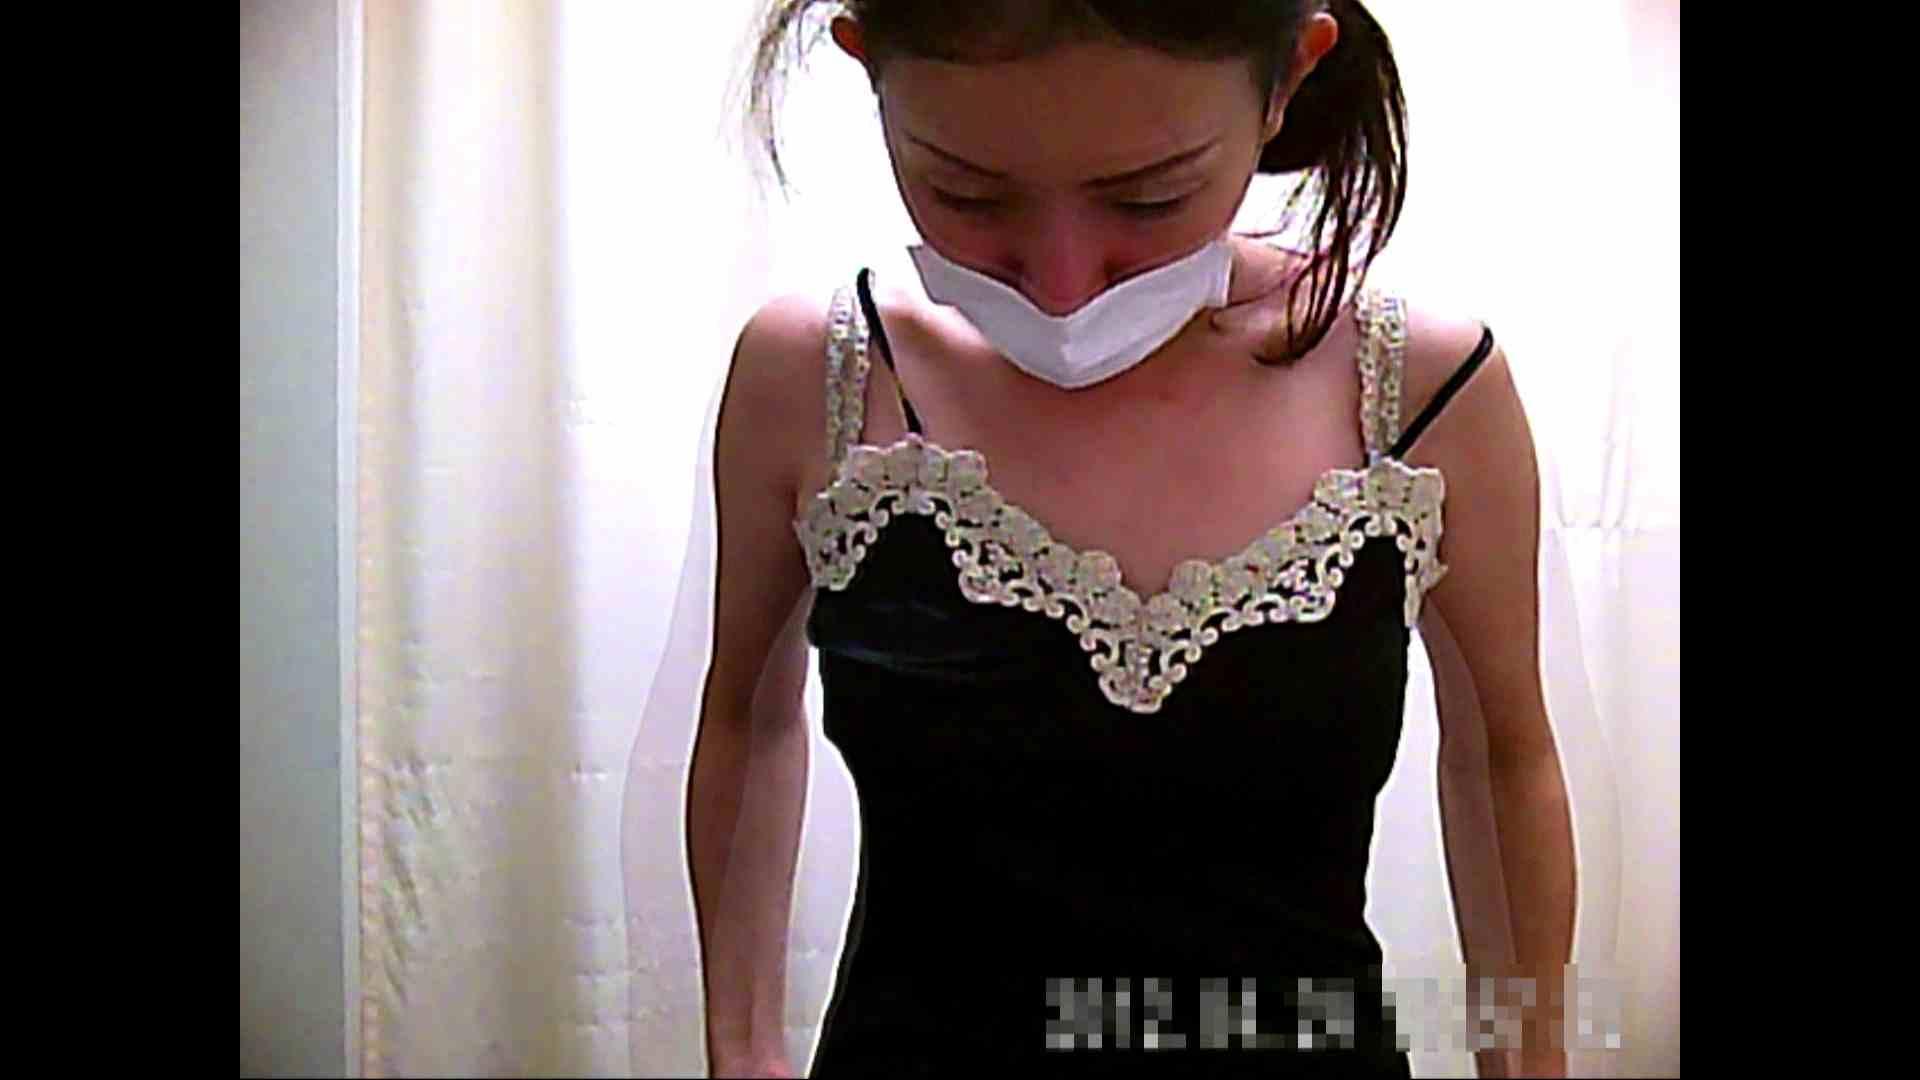 元医者による反抗 更衣室地獄絵巻 vol.010 ギャル  97PIX 32